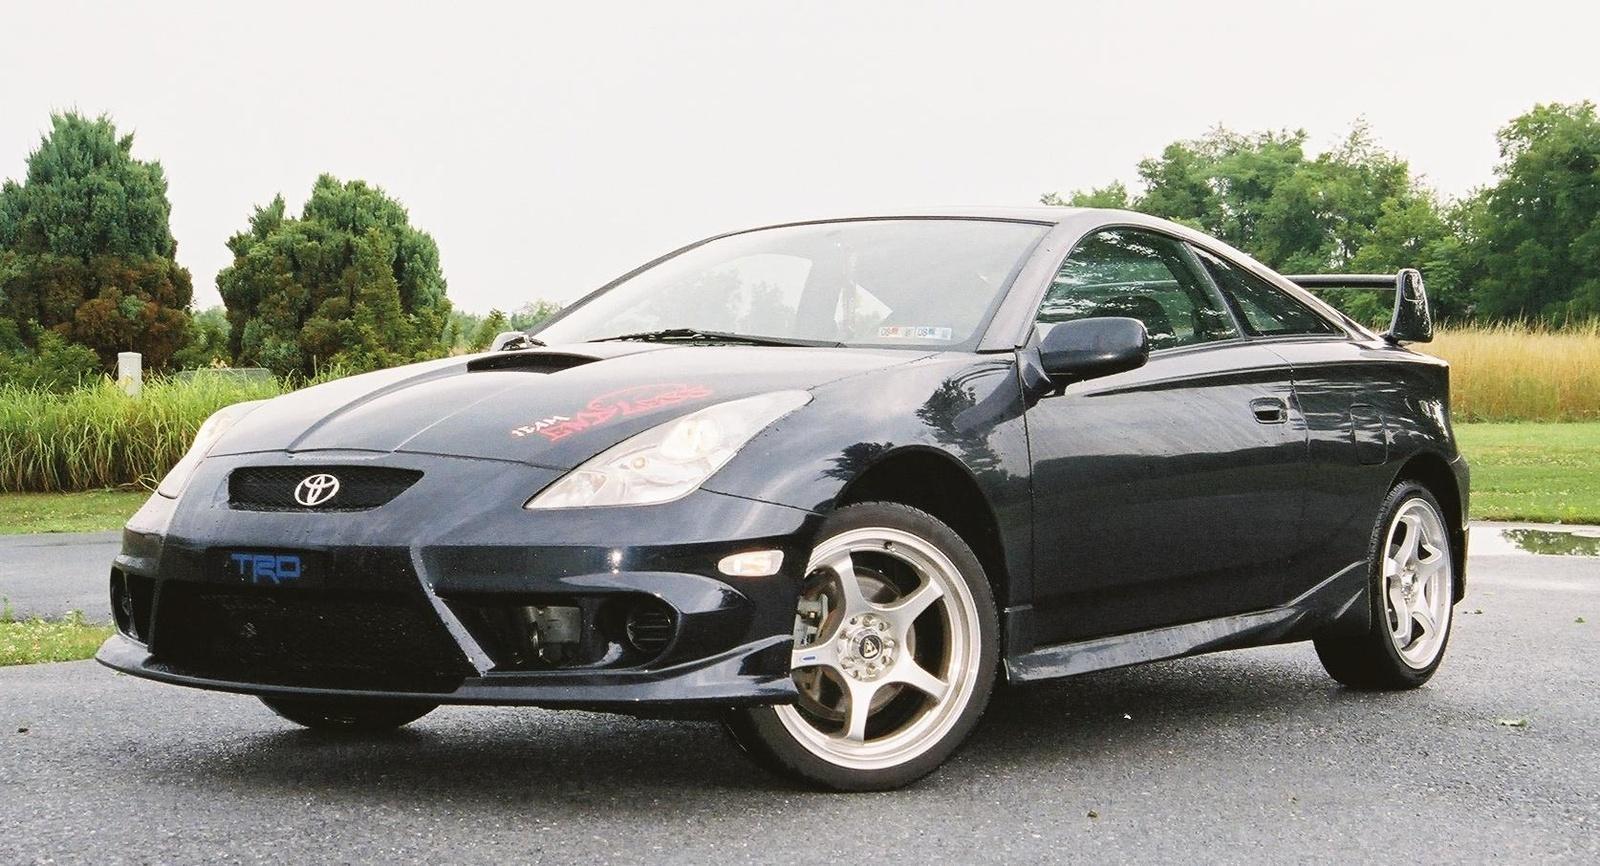 2001 Toyota Celica #4 Toyota Celica #4